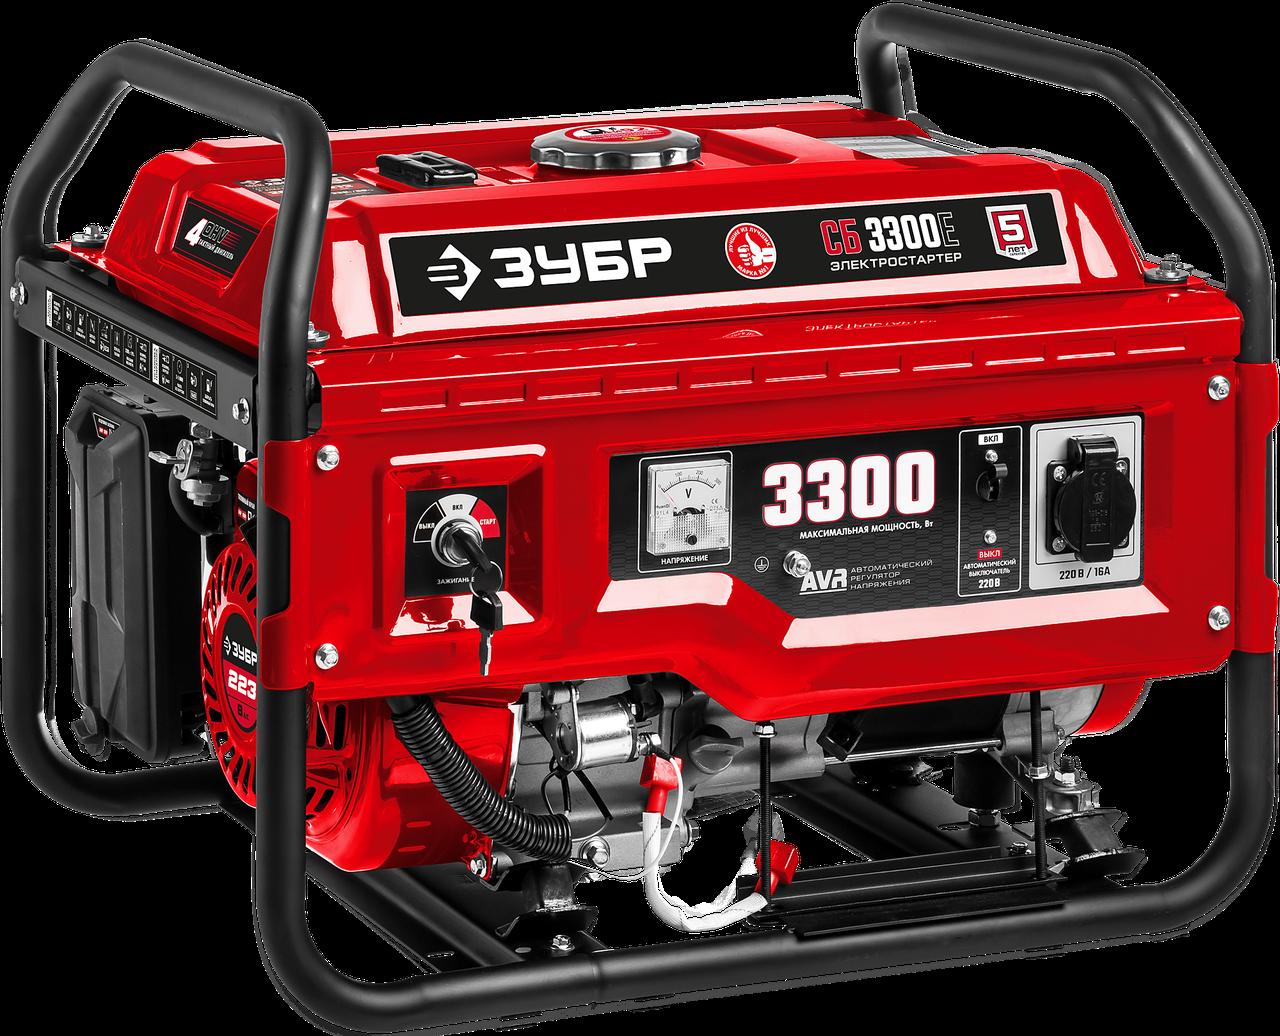 СБ-3300Е бензиновый генератор с электростартером, 3300 Вт, ЗУБР